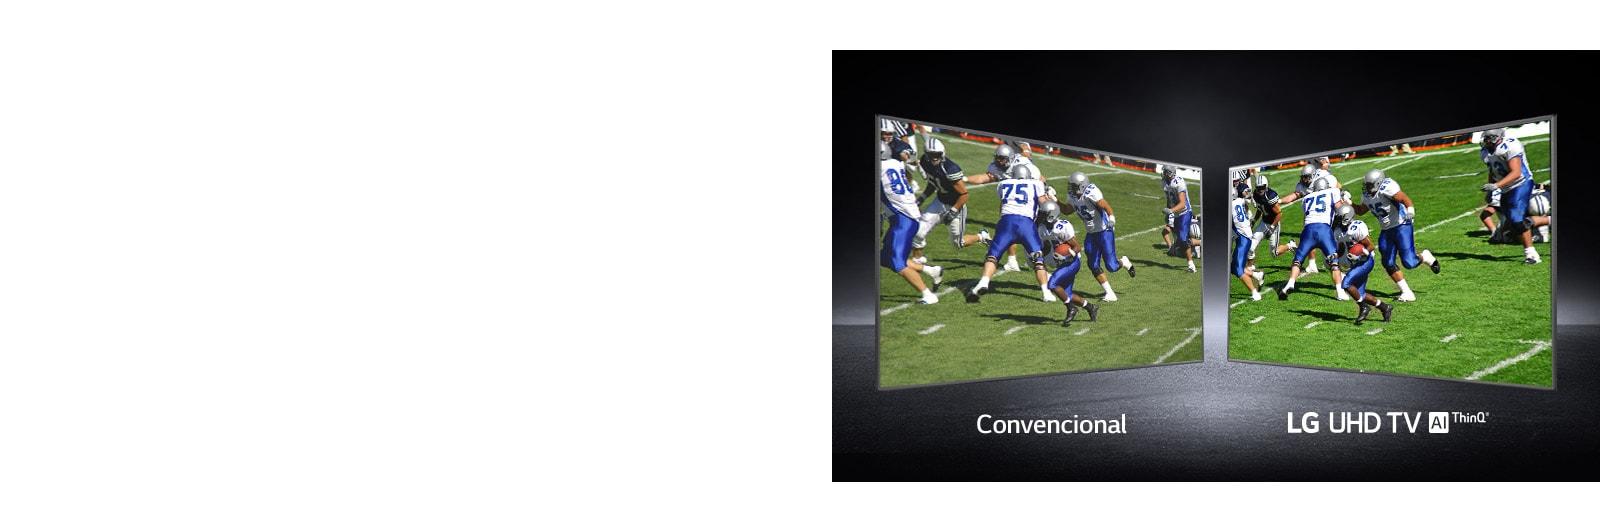 Se muestran visualizaciones de una imagen de unos jugadores jugando en un campo de futbol, una en una pantalla convencional y la otra en un UHD TV.